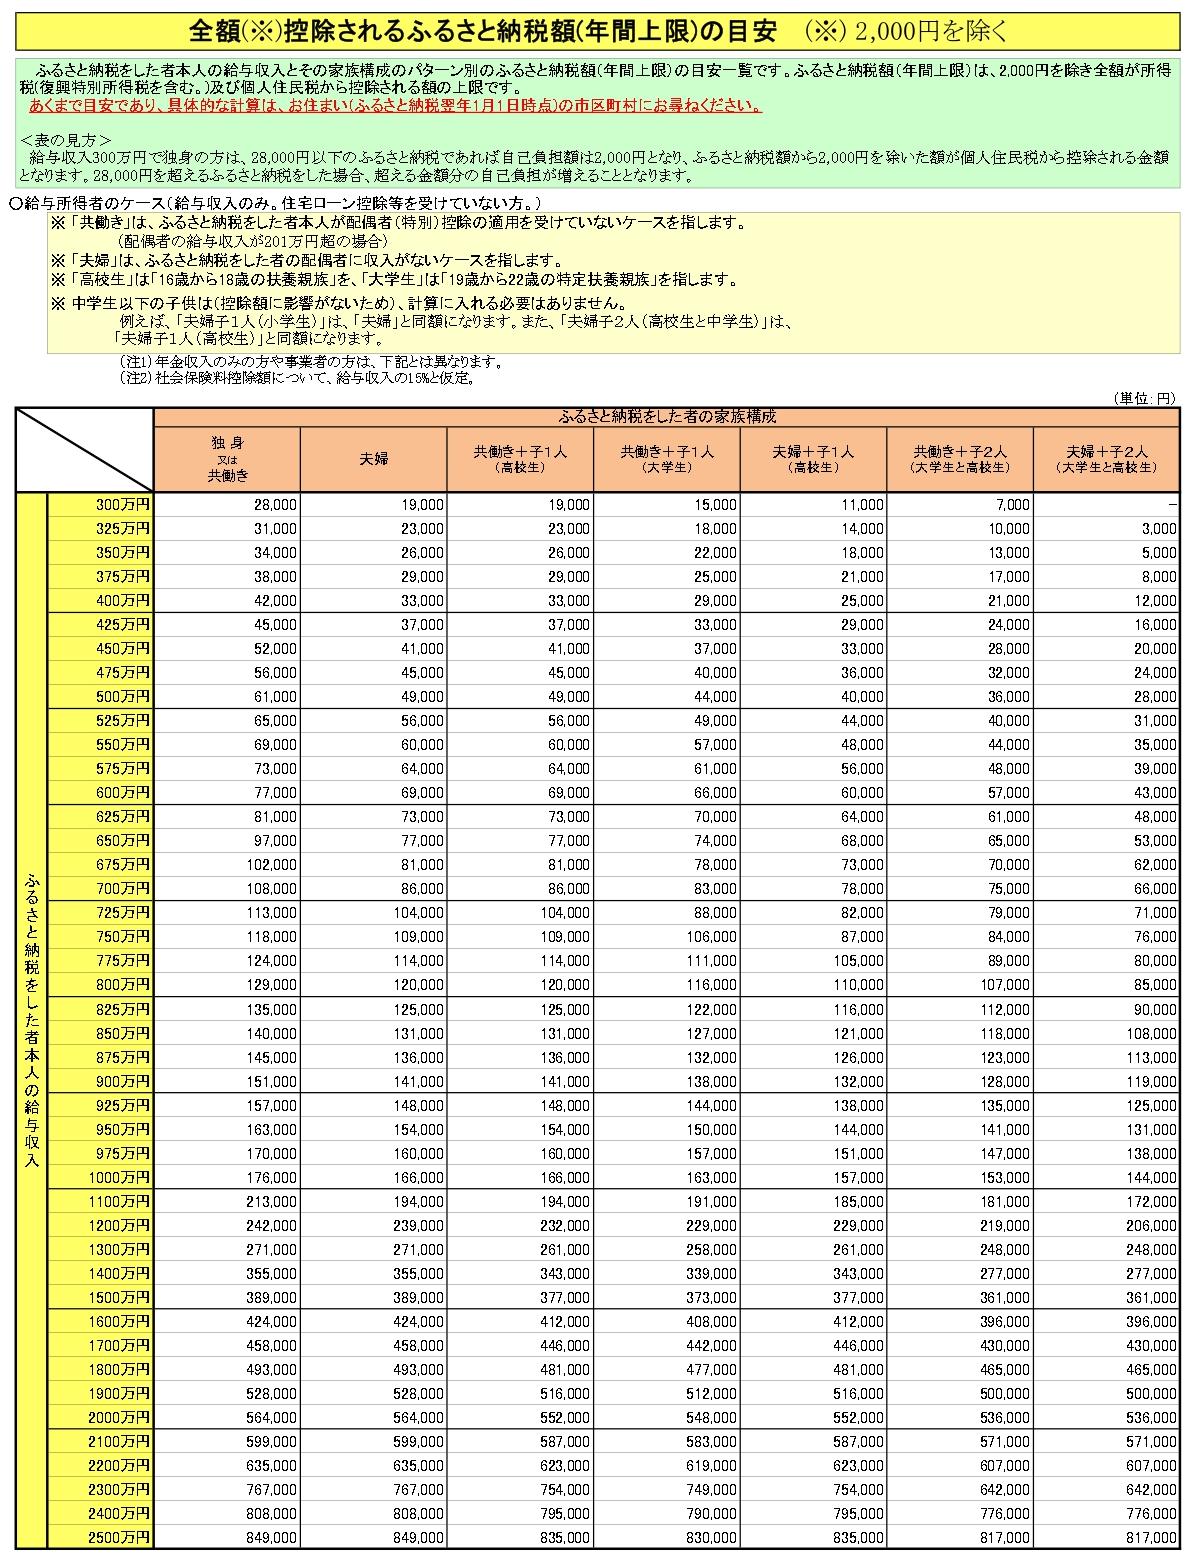 給与所得者の自己負担額2,000円を除いた全額が控除される目安の一覧表